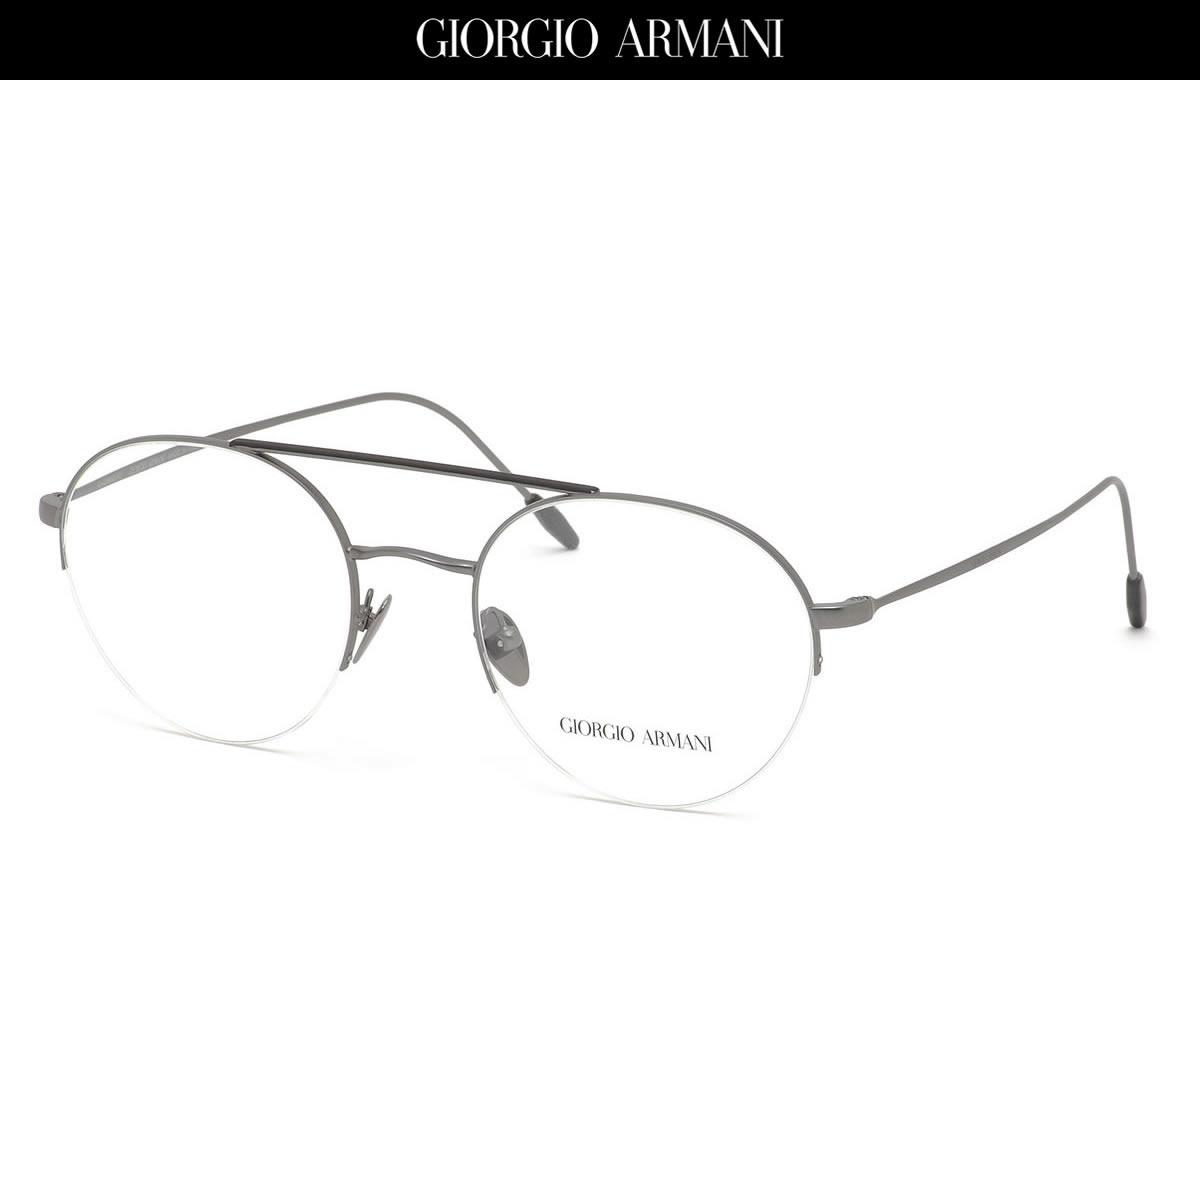 ポイント最大33倍 GIORGIO ARMANI ジョルジオアルマーニ メガネAR5066 3003 51サイズアルマーニ ツーブリッジ ハーフリム ナイロールジョルジオアルマーニGIORGIOARMANI メンズ レディース